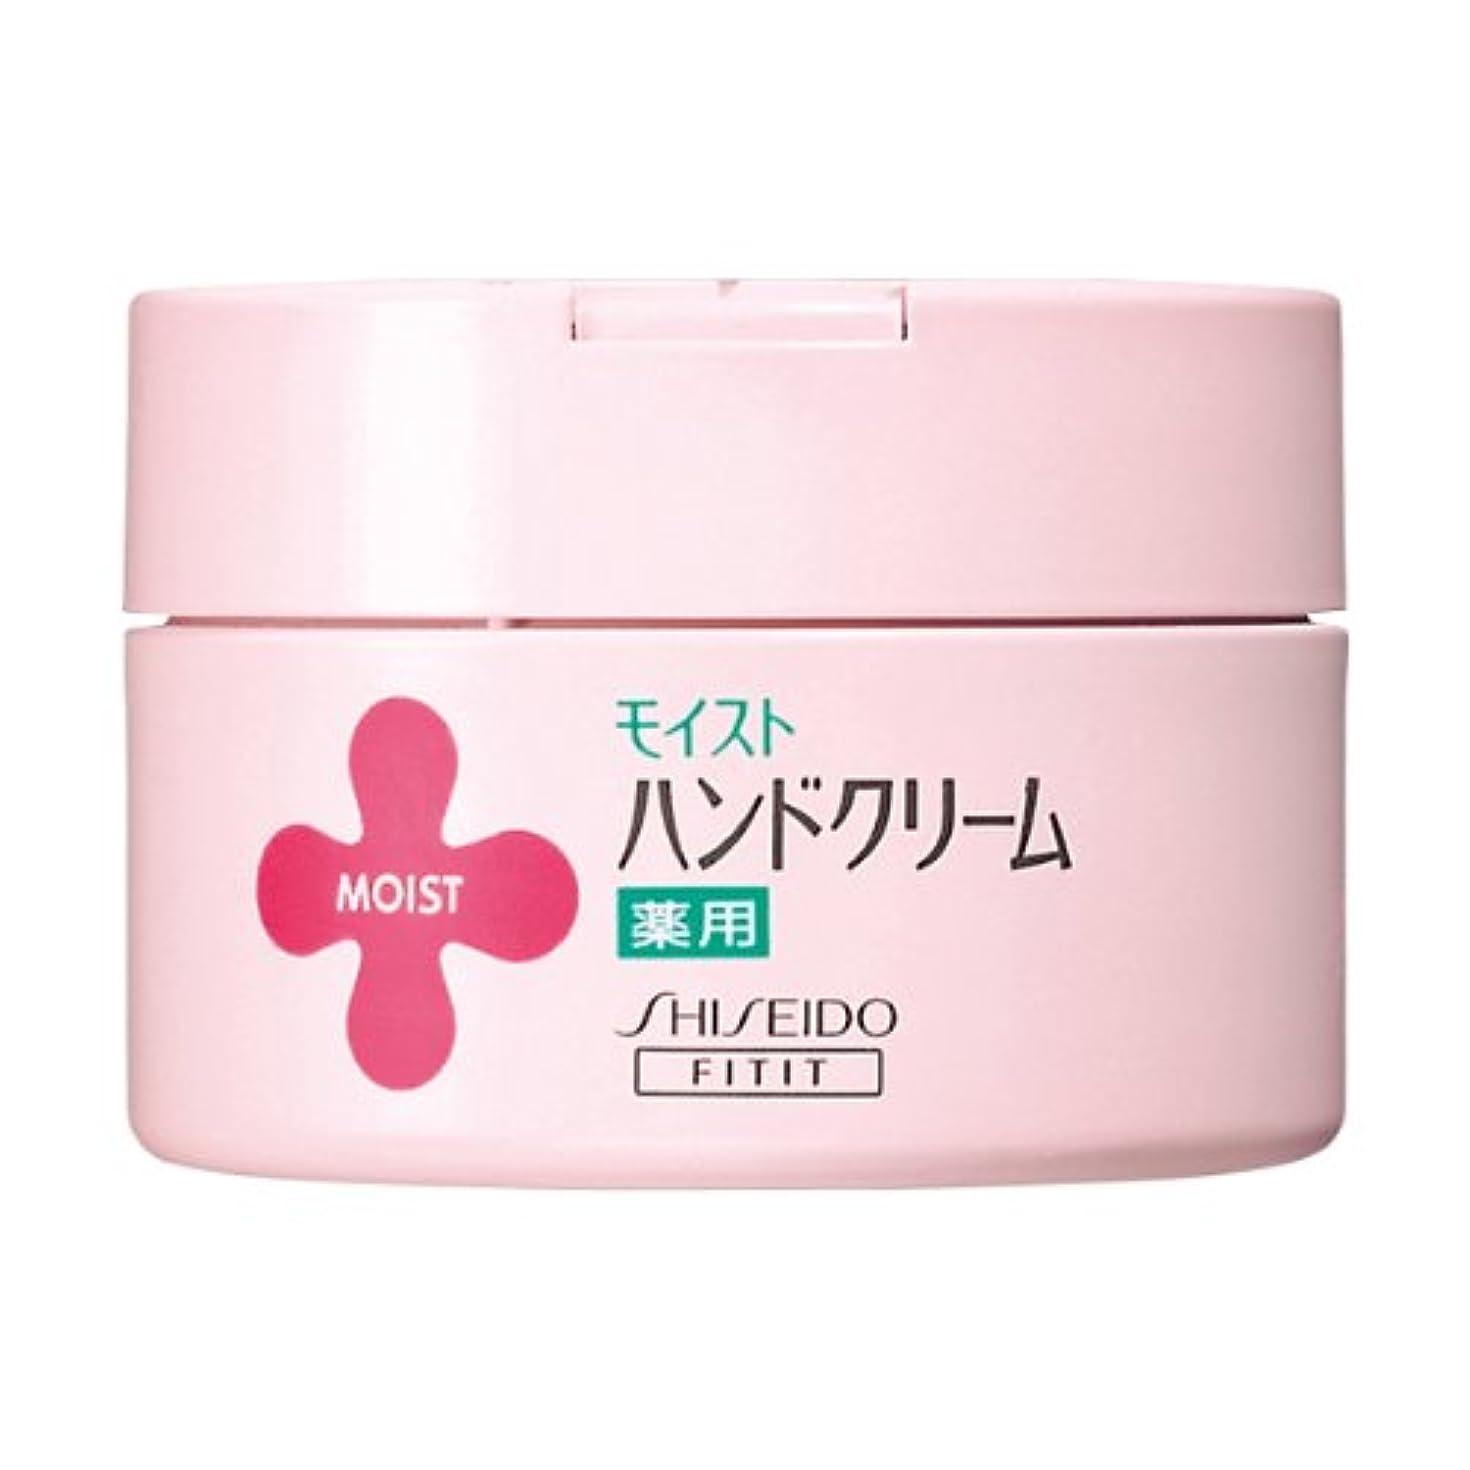 共同選択スライス裏切り者モイスト 薬用ハンドクリームUR L 120g 【医薬部外品】